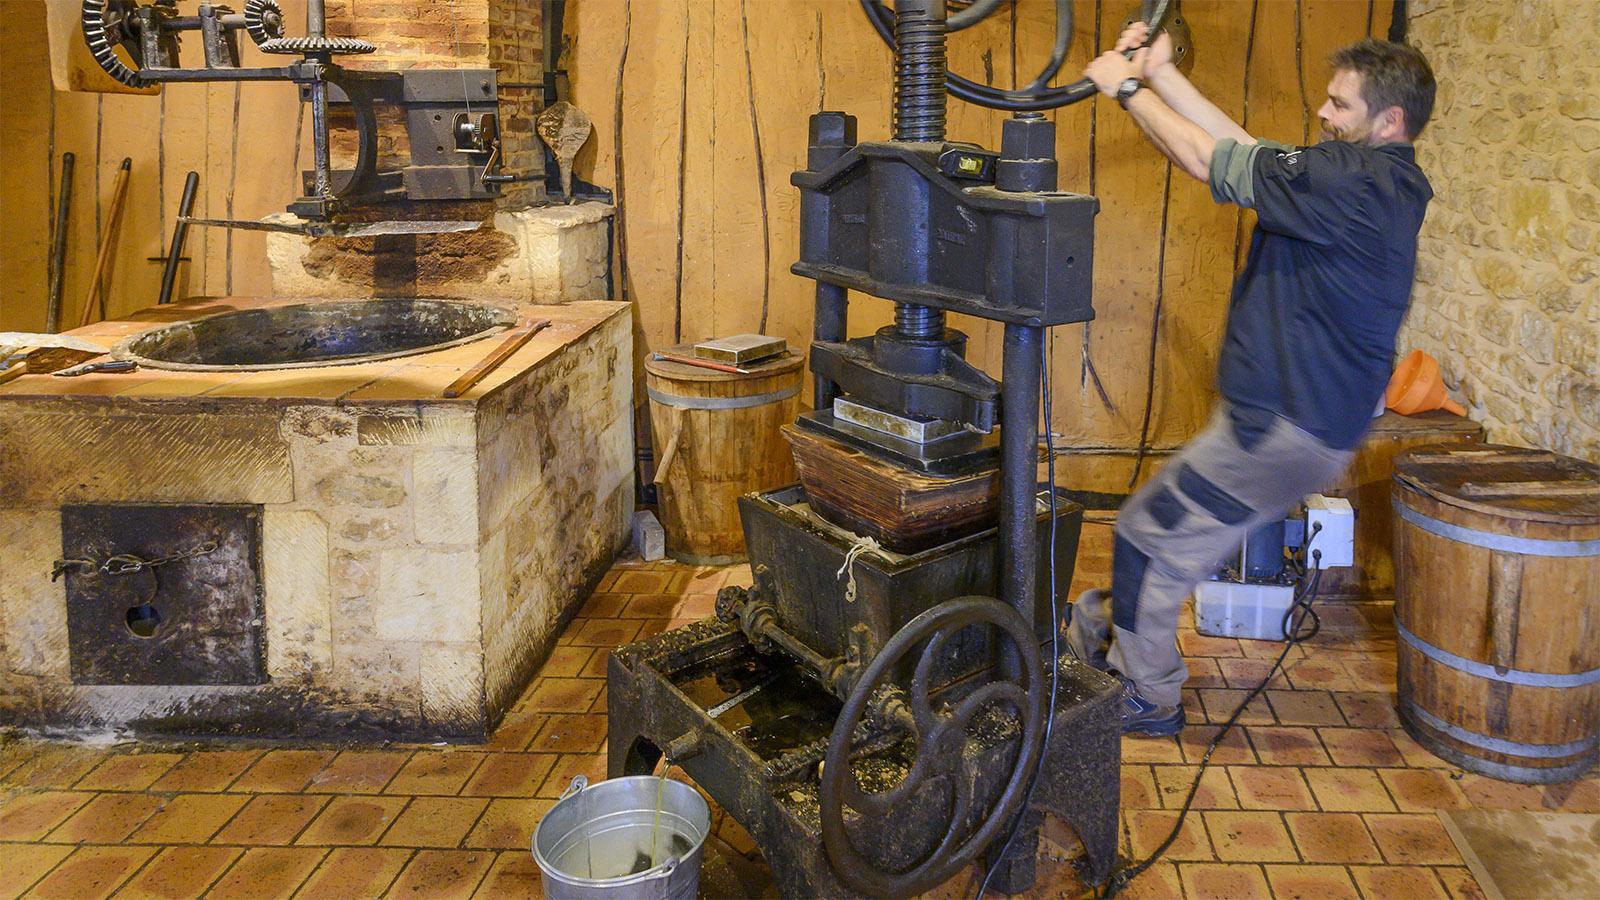 Bis heute eine anstrengende körperliche Arbeit ist das Pressen von Nussöl. Foto: Hilke Maunder